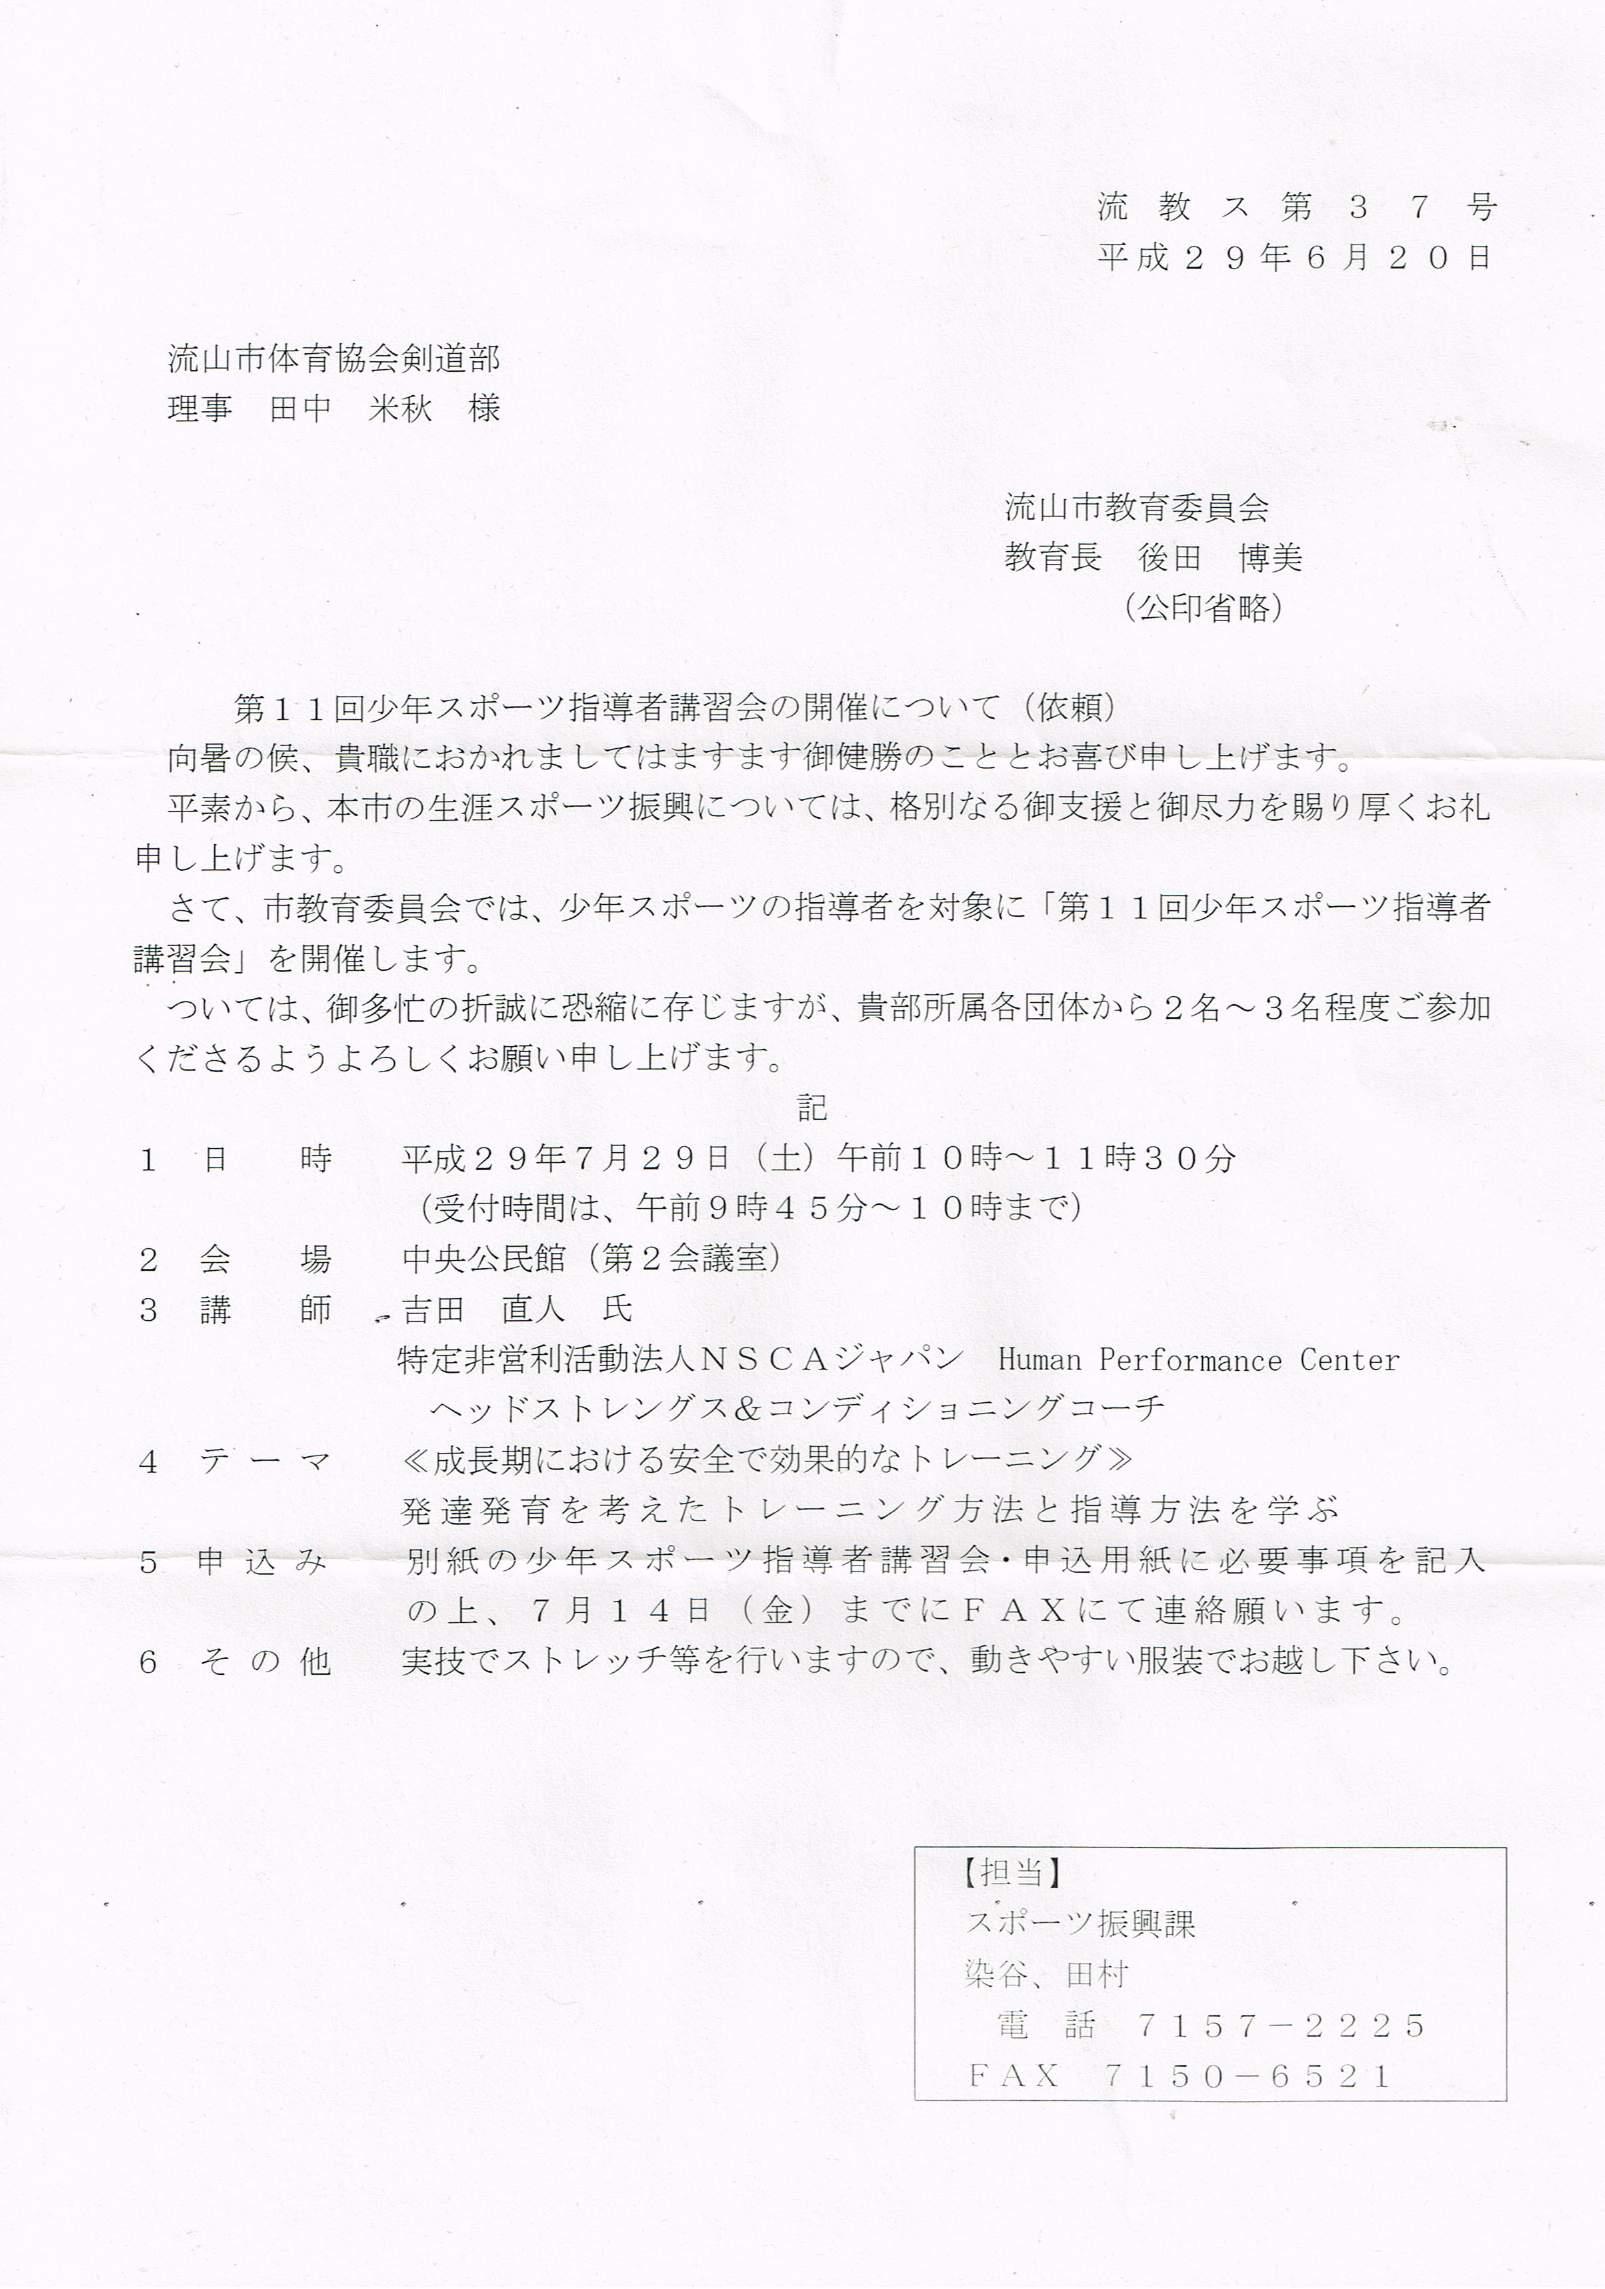 スポーツ指導者講習会(H29)_0001